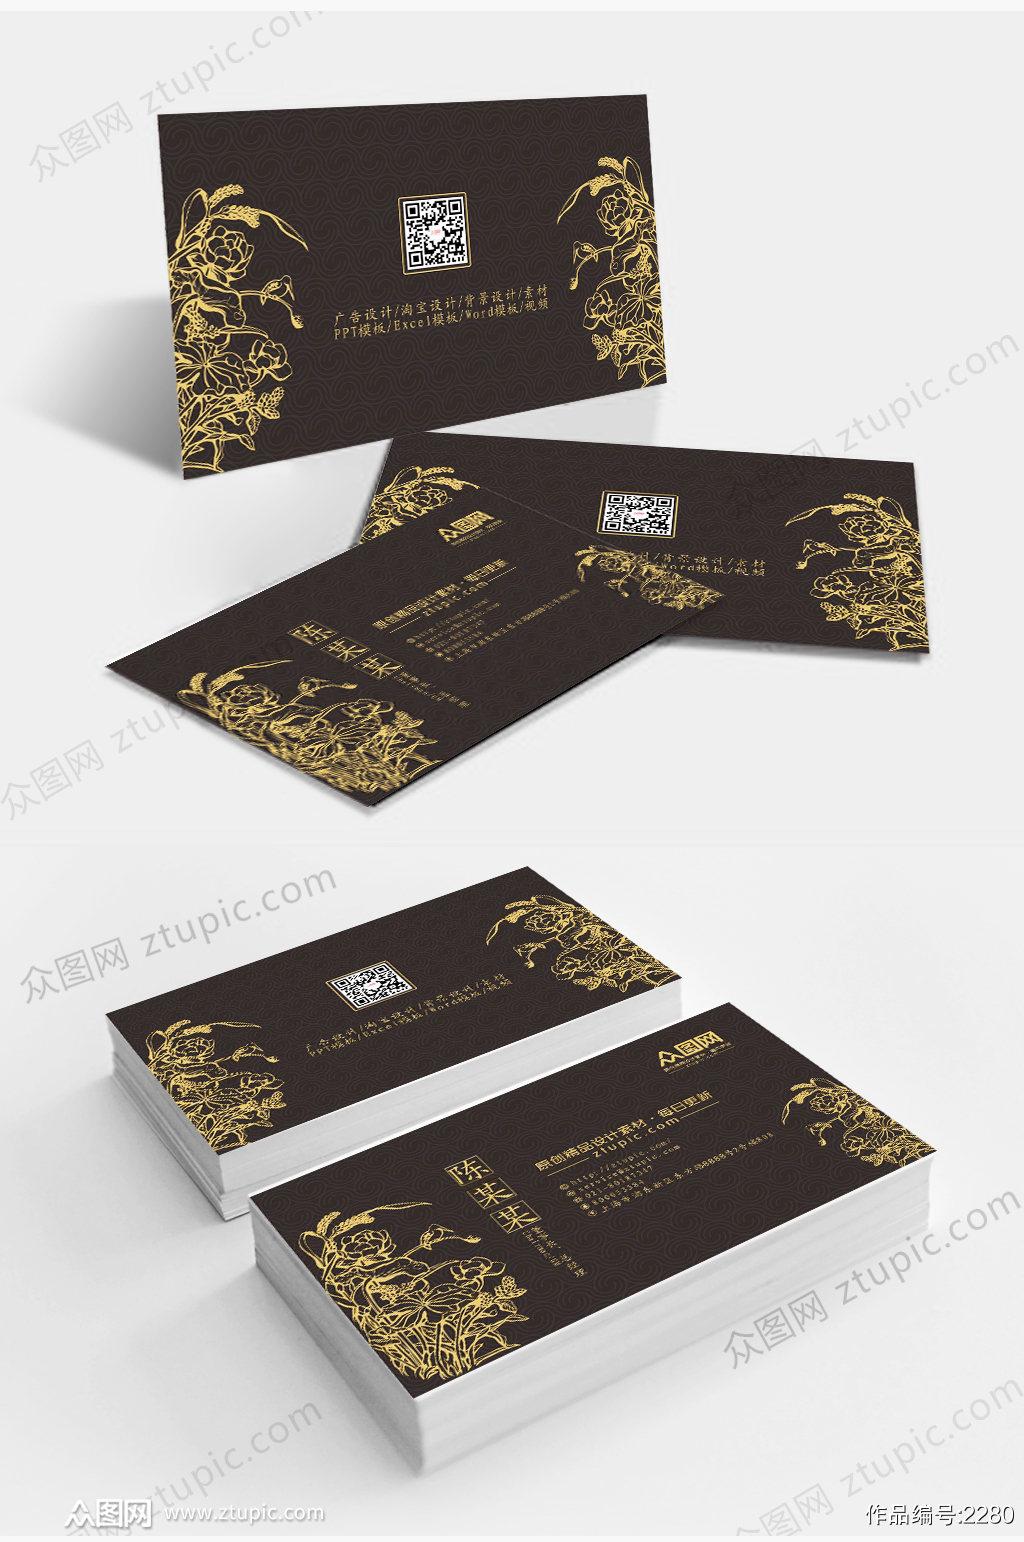 高档黑金线条地产类名片素材